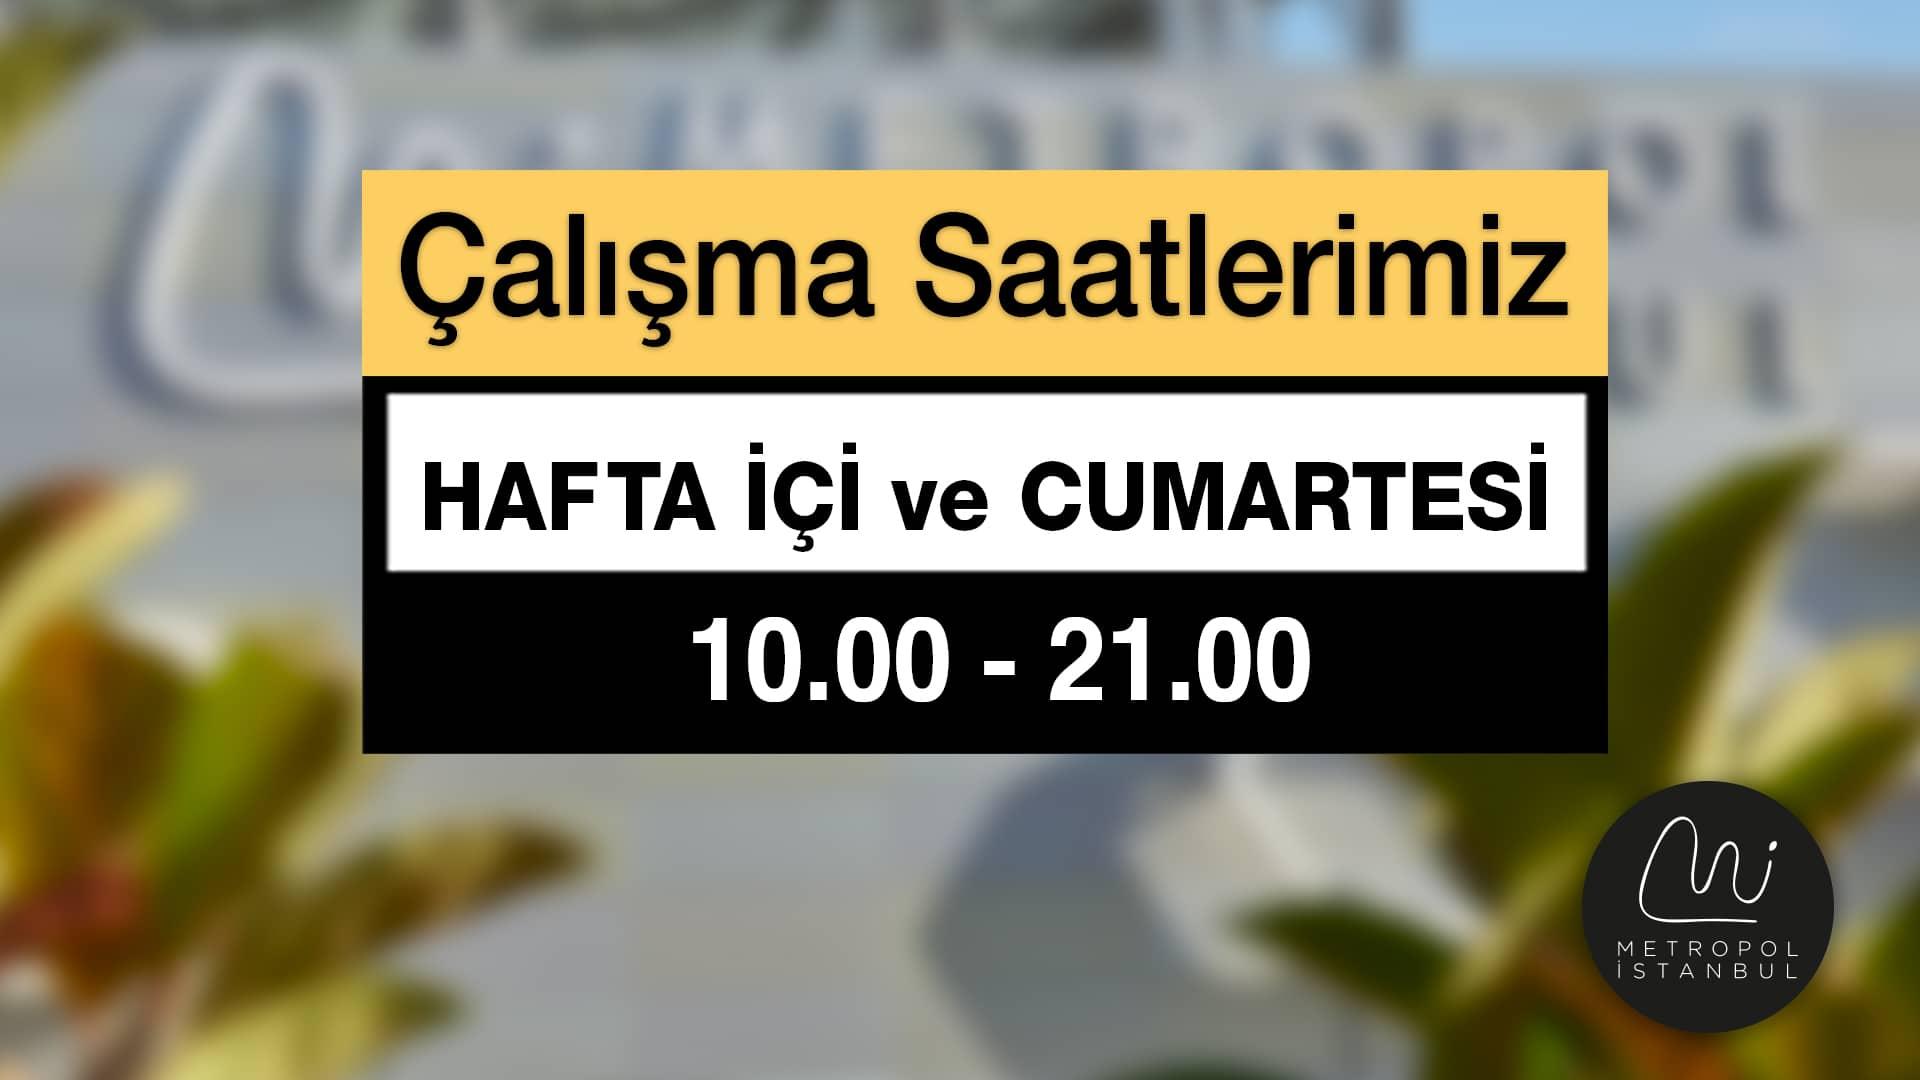 Metropol İstanbul Çalışma Saatleri